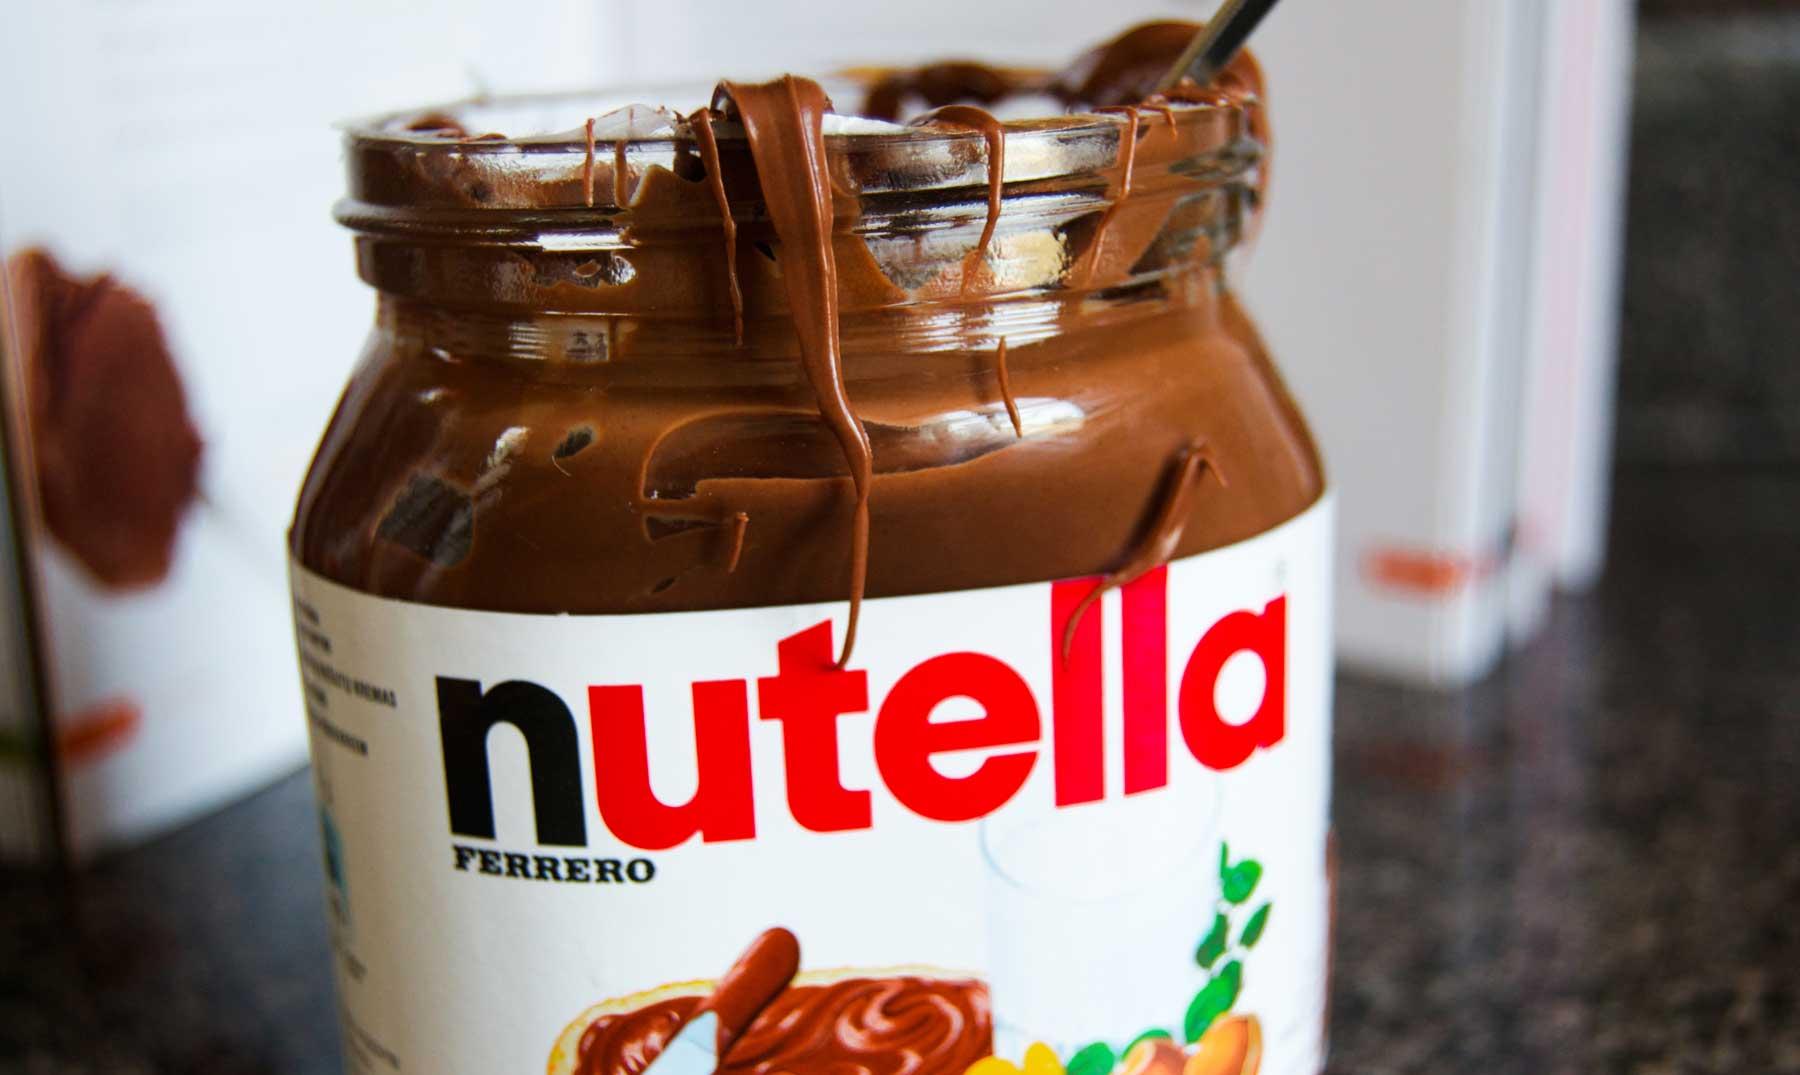 EL origen de la Nutella y la Segunda Guerra Mundial